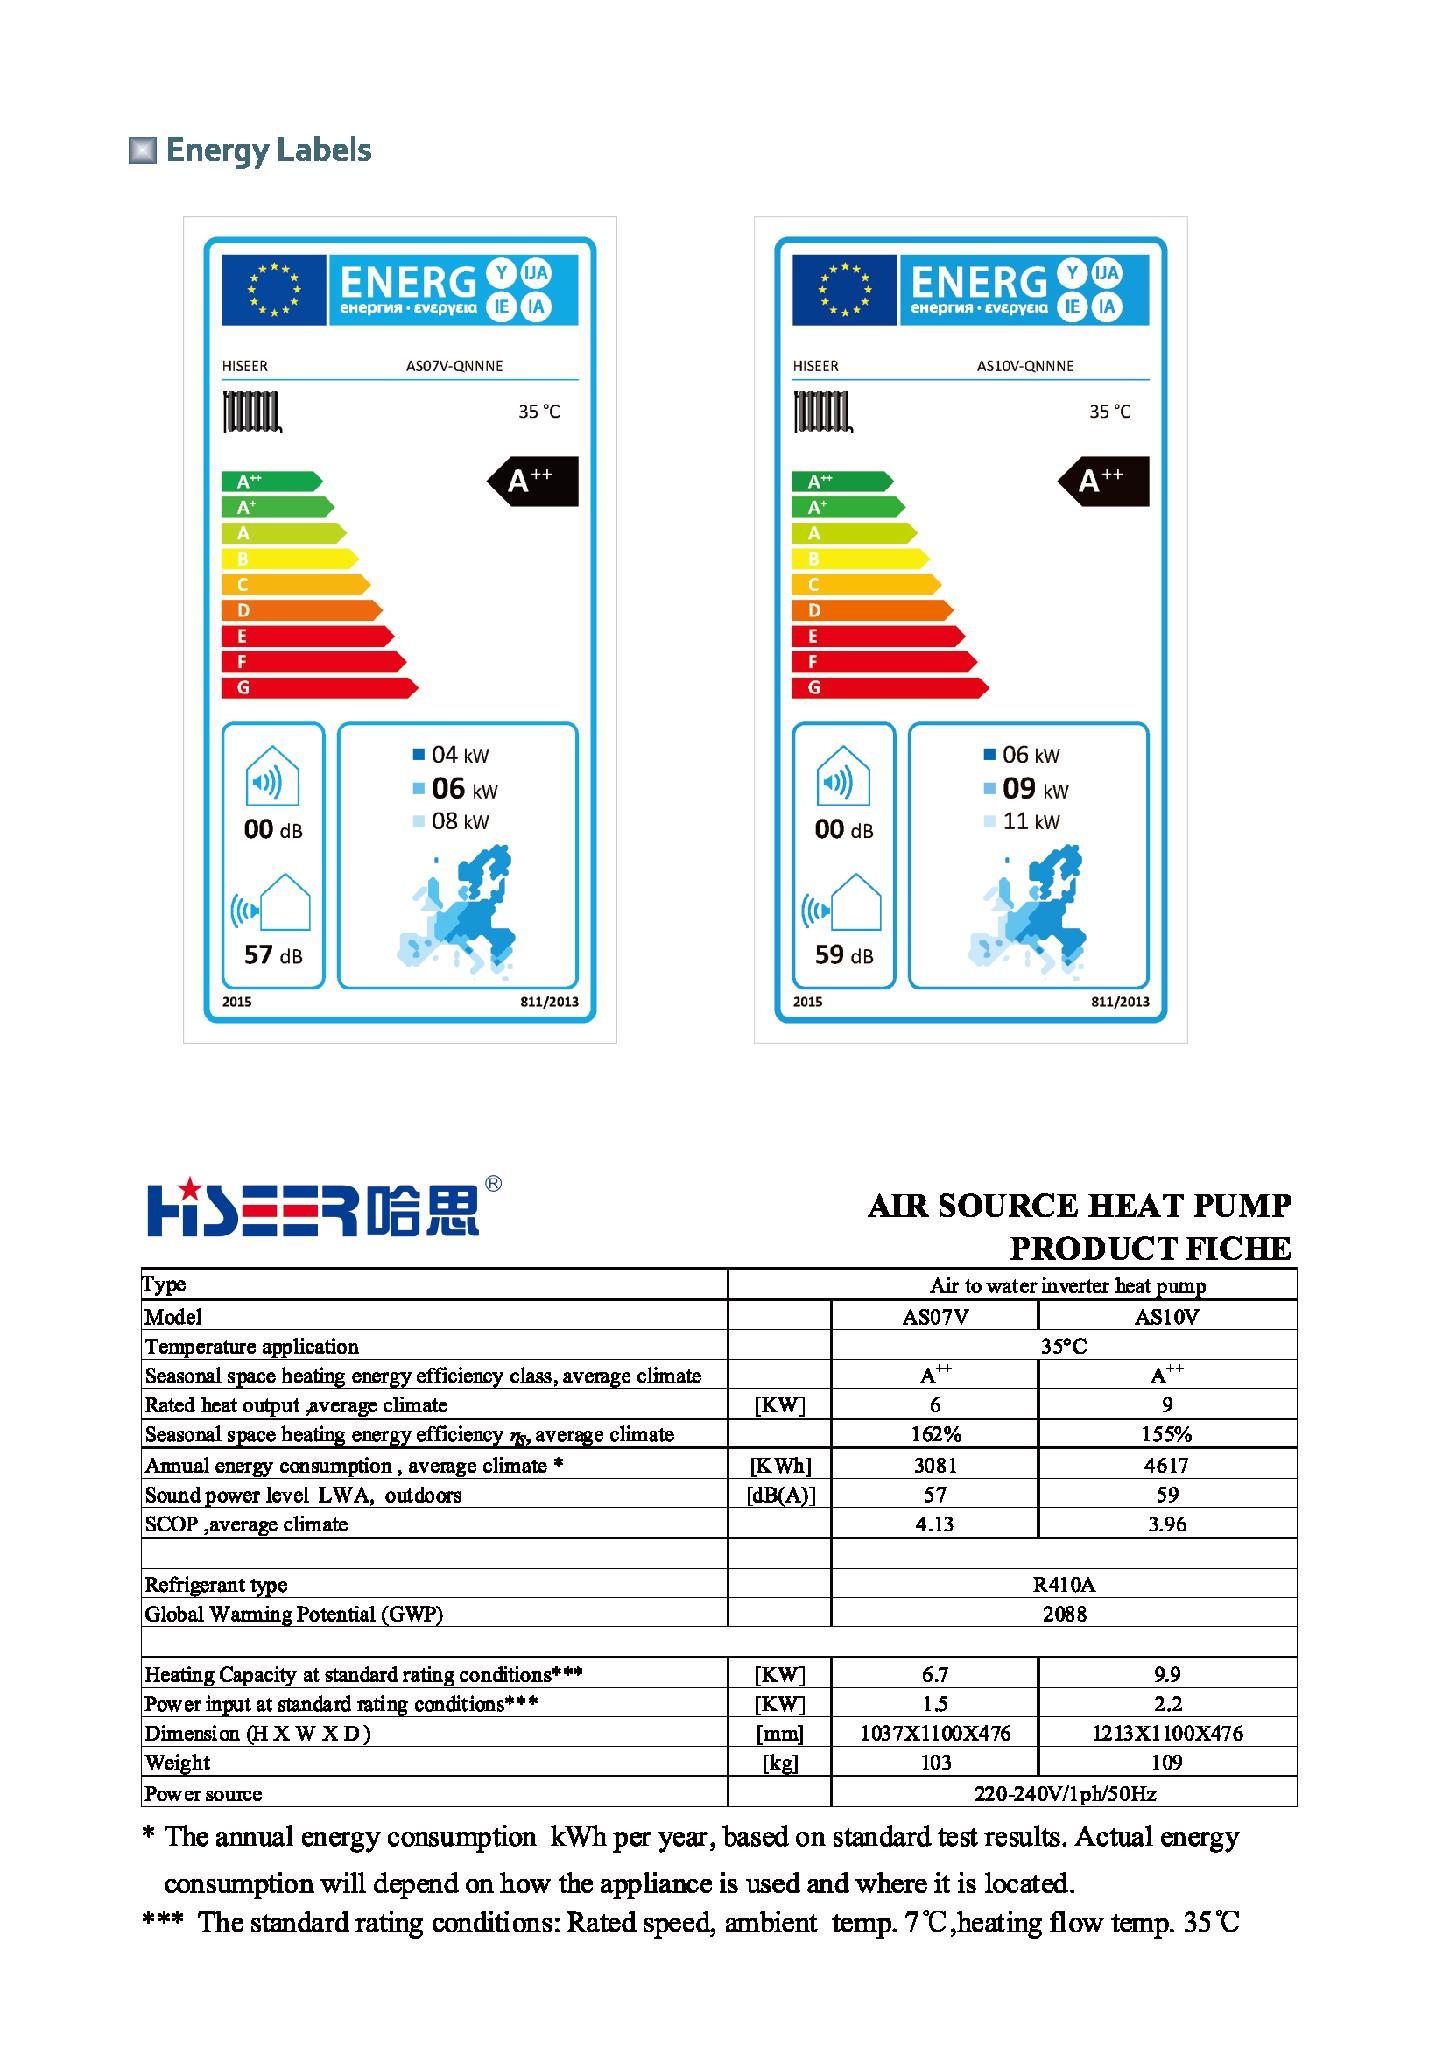 inverter heat pump ErP label